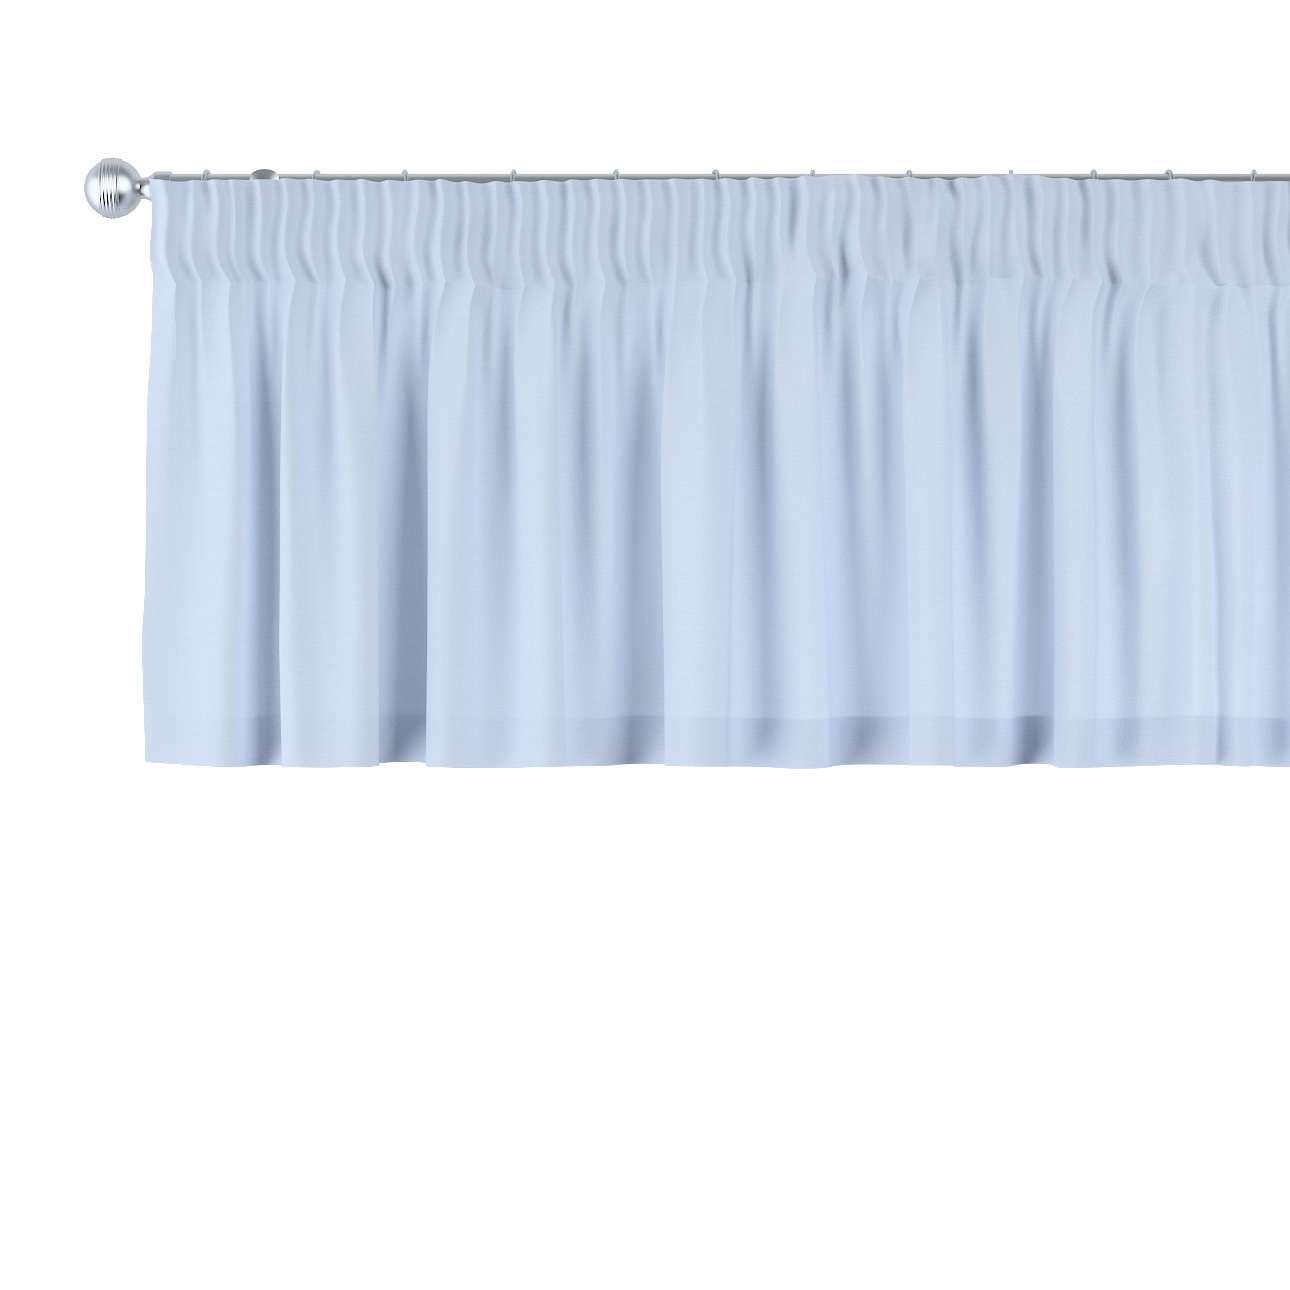 Gardinkappe med rynkebånd 130 x 40 cm fra kollektionen Loneta, Stof: 133-35